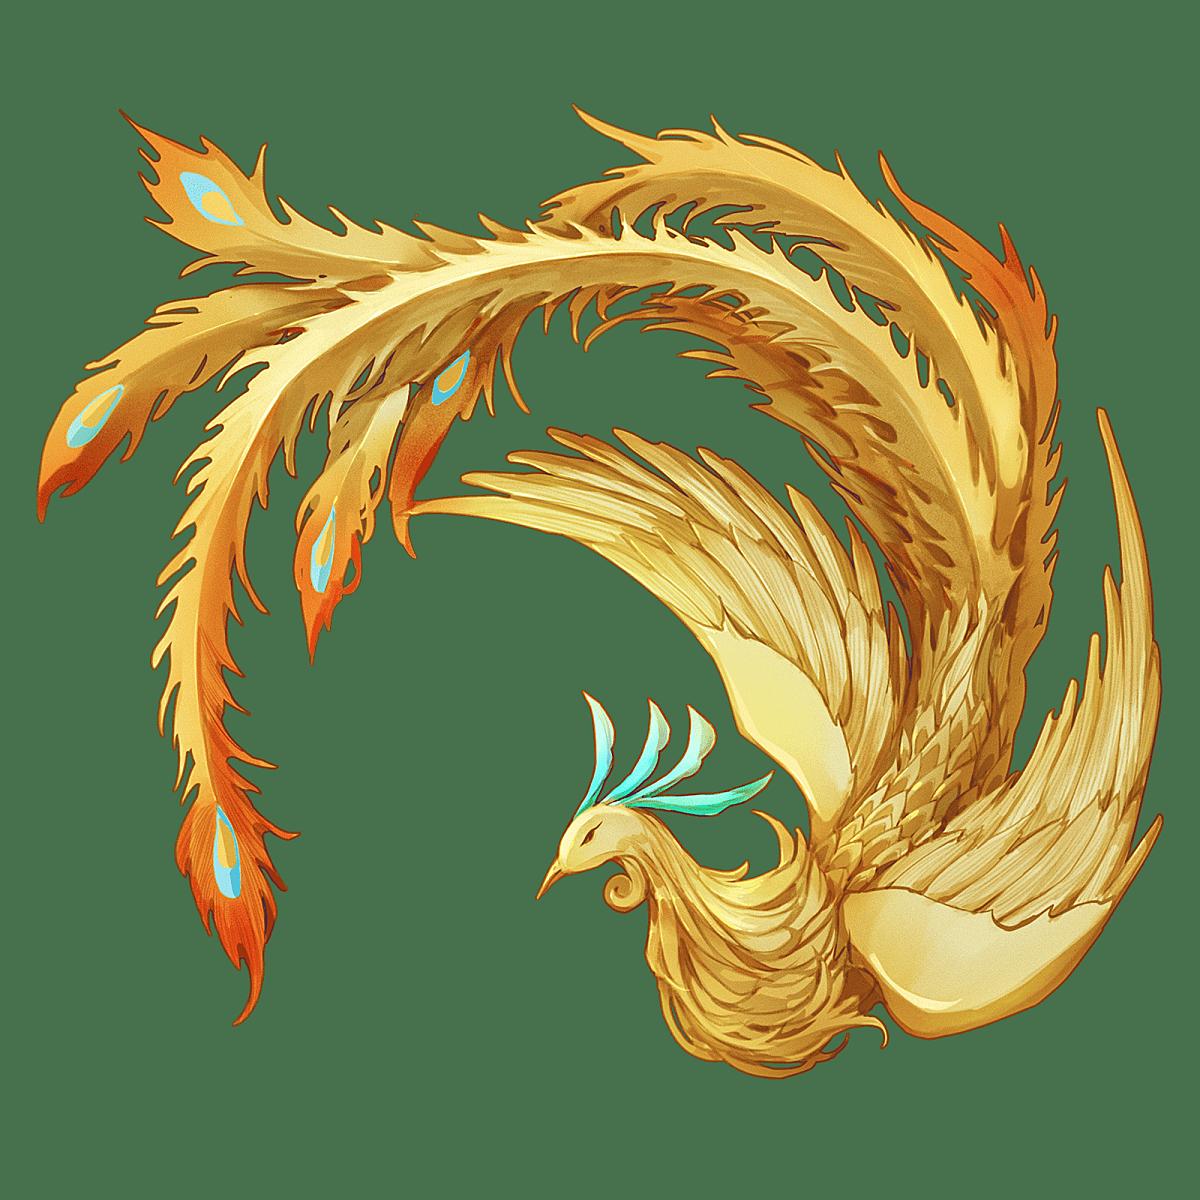 中国风-金色国潮动物元素-凤凰